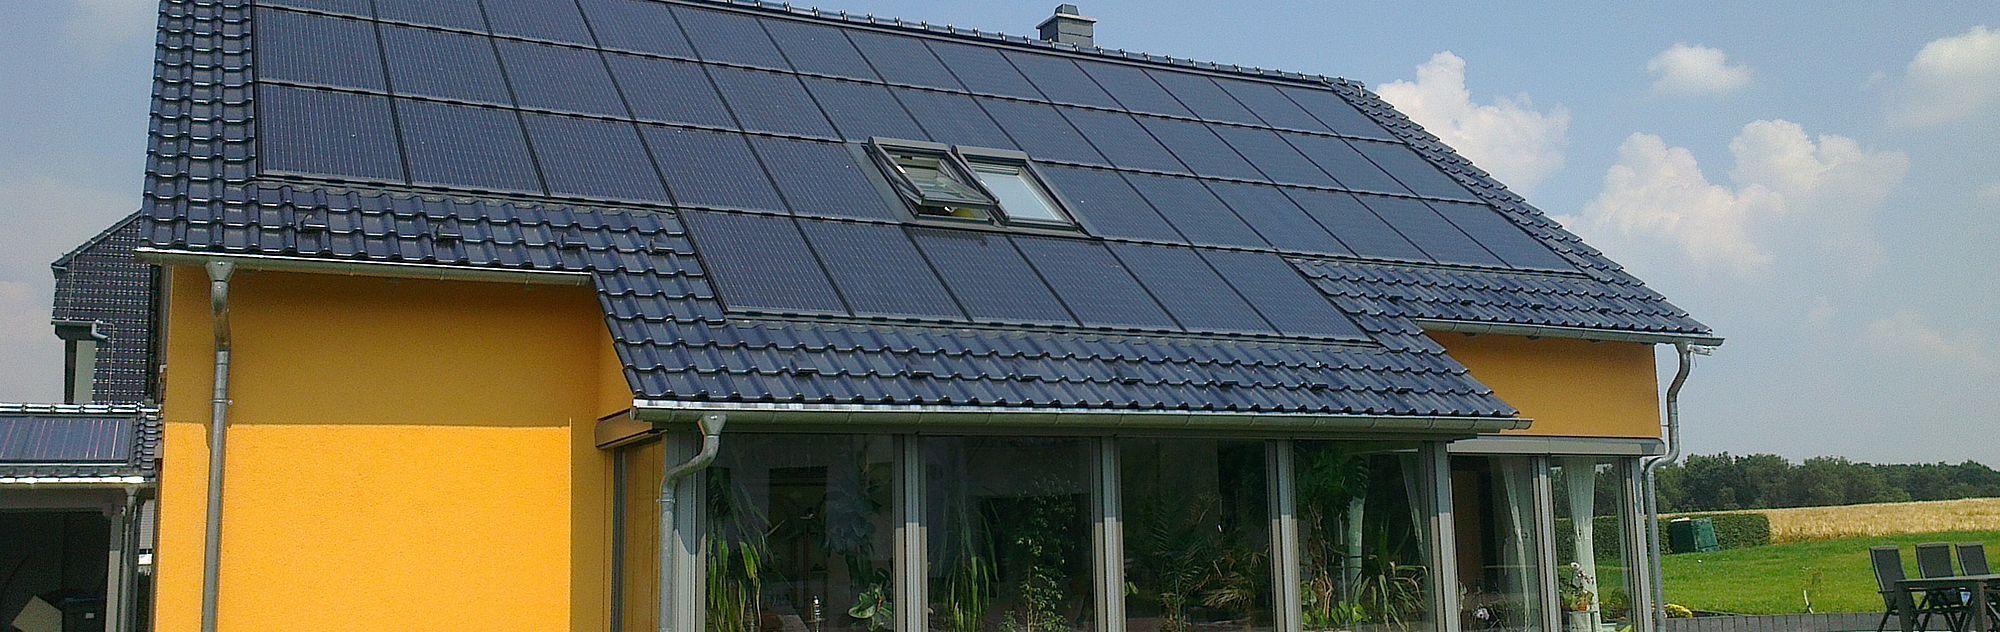 Photovoltaikanlagen Eigenheim